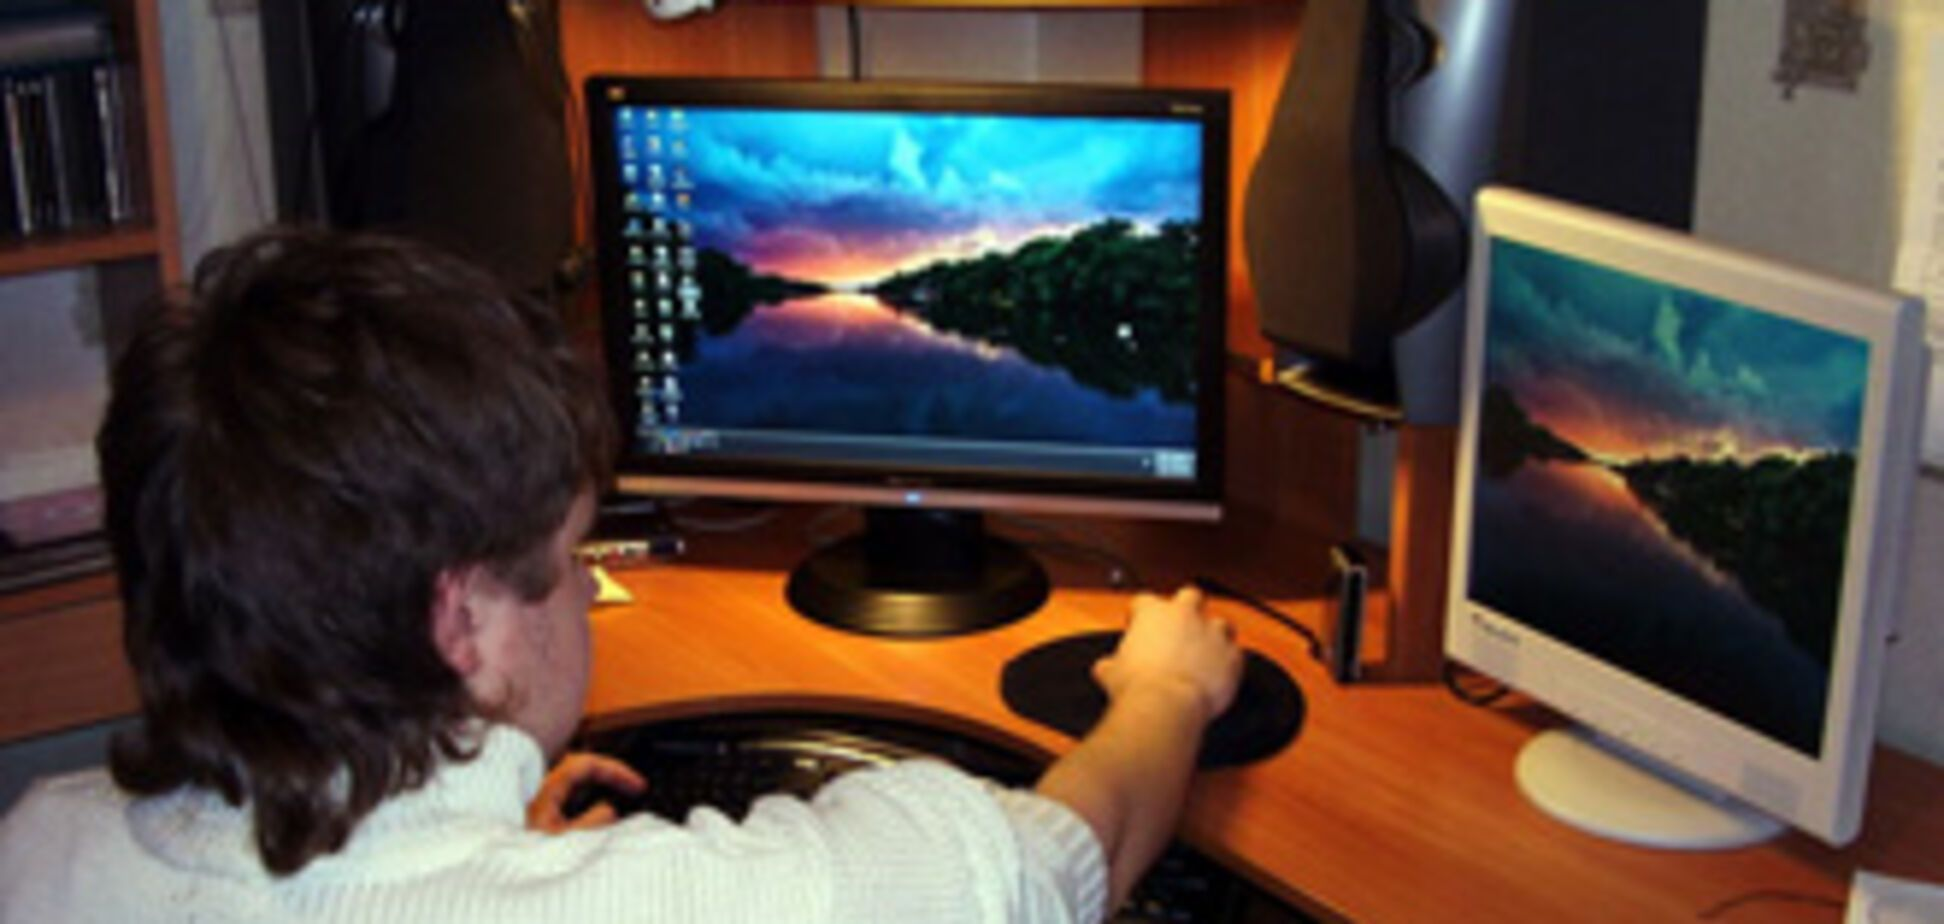 Чтобы поиграть в игры, ученики украли компьютер